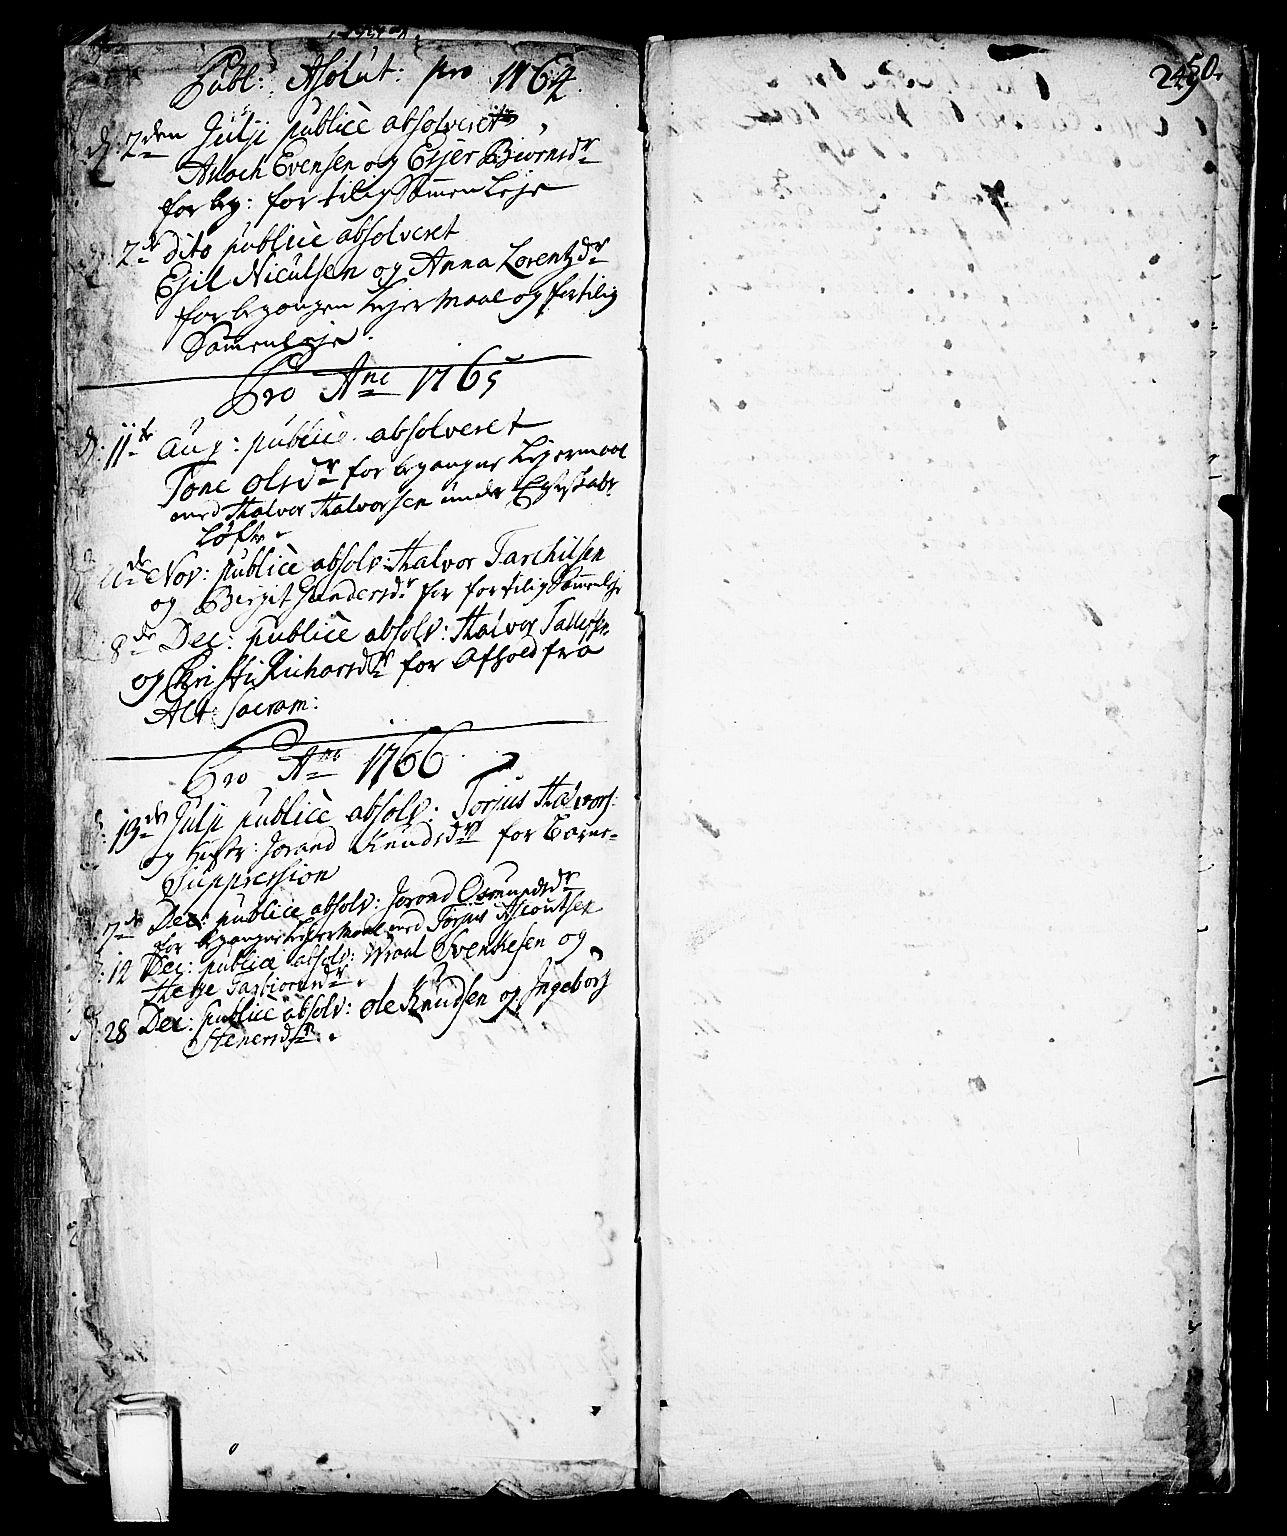 SAKO, Vinje kirkebøker, F/Fa/L0001: Ministerialbok nr. I 1, 1717-1766, s. 249